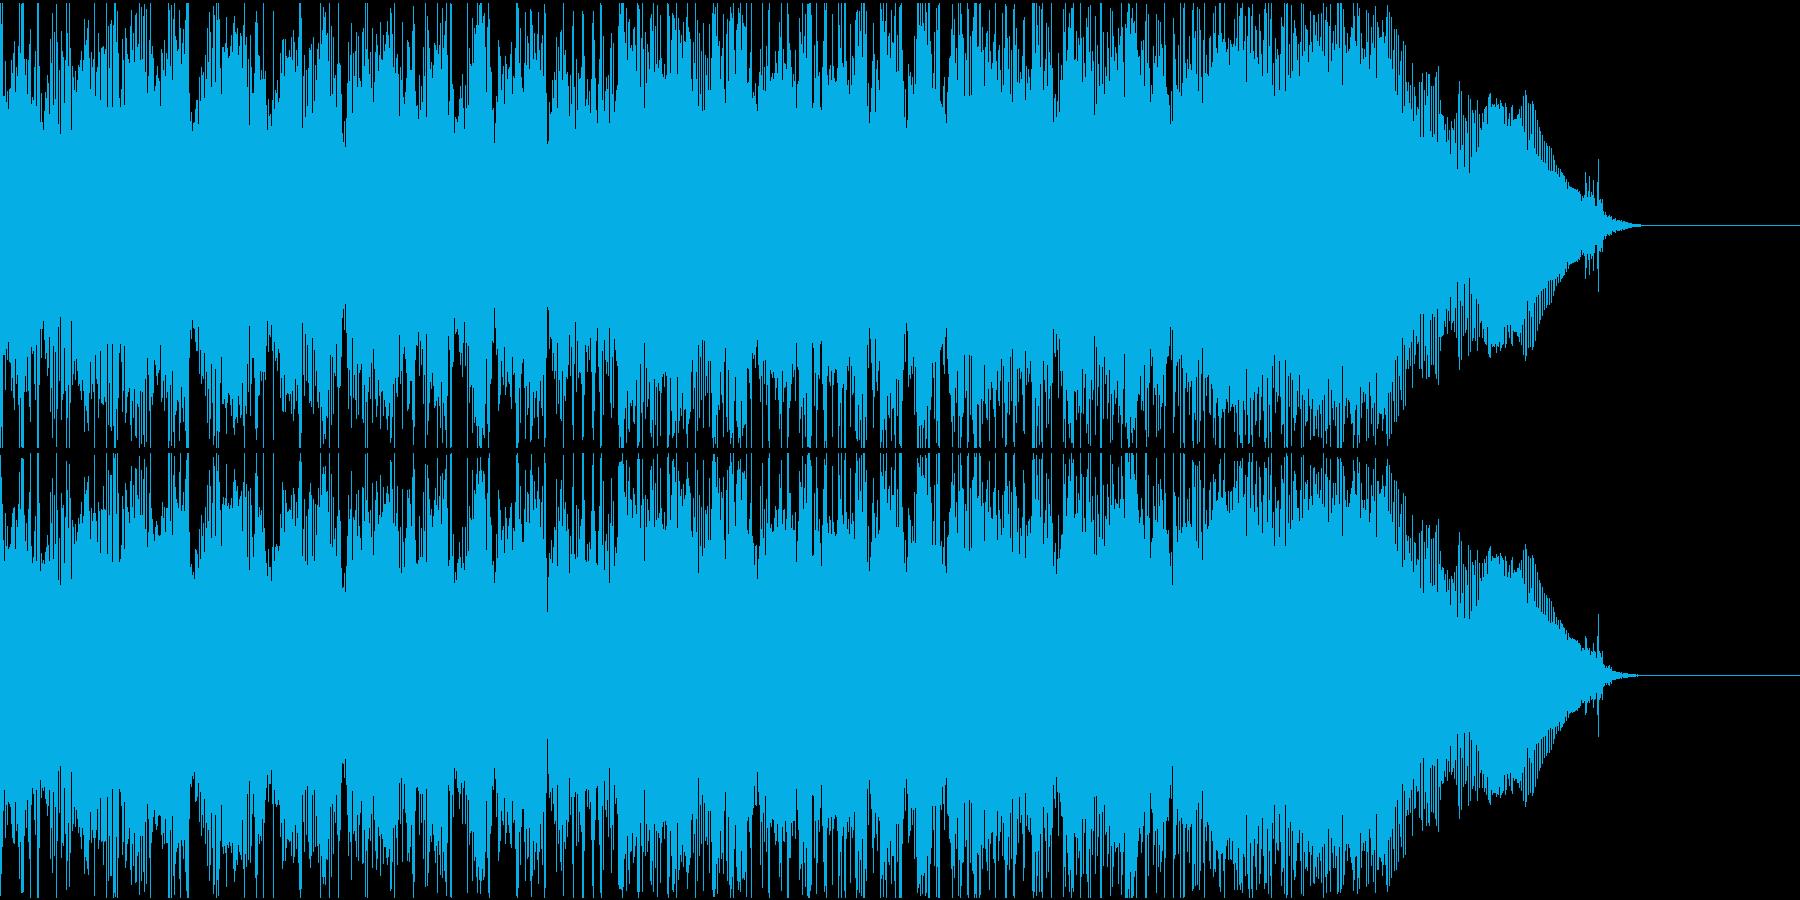 アメリカンミクスチャーロックなギターリフの再生済みの波形